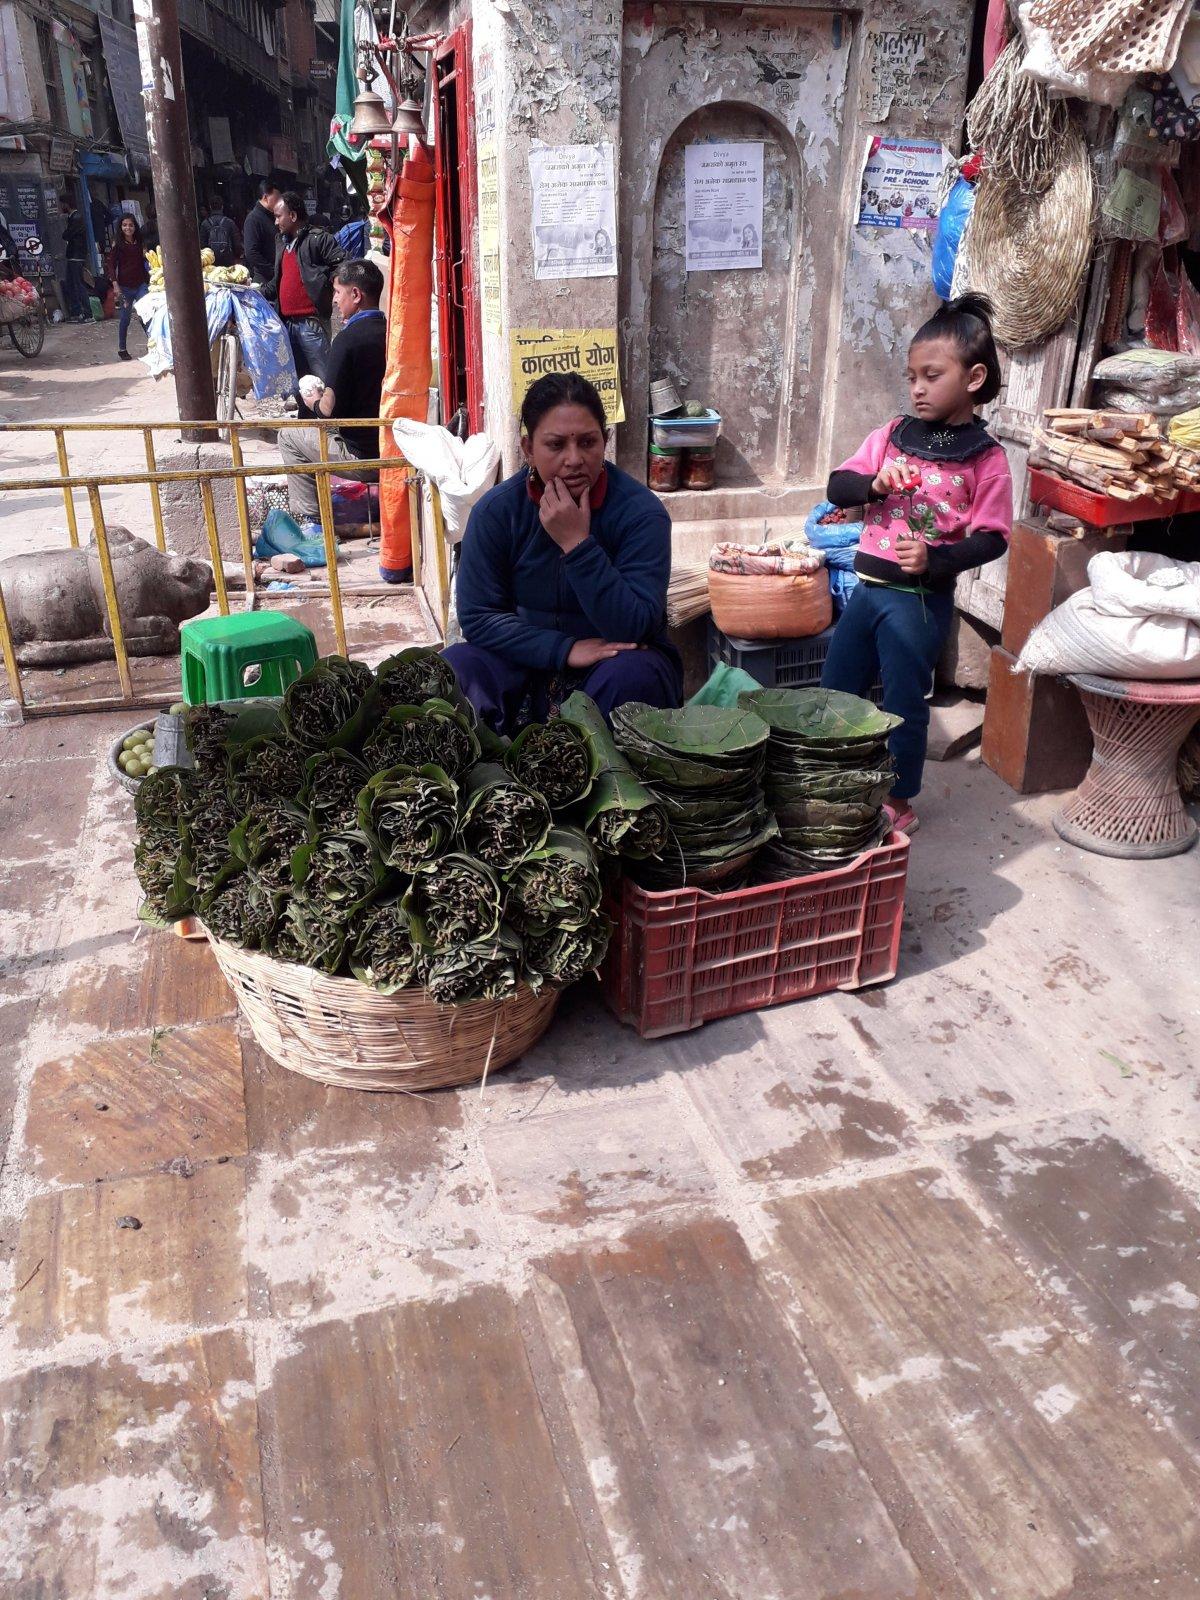 Árusok Katmandu óvárosában– sokszor nem lehet megállapítani, mit is kínálnak •  Fotó: Kiss Judit